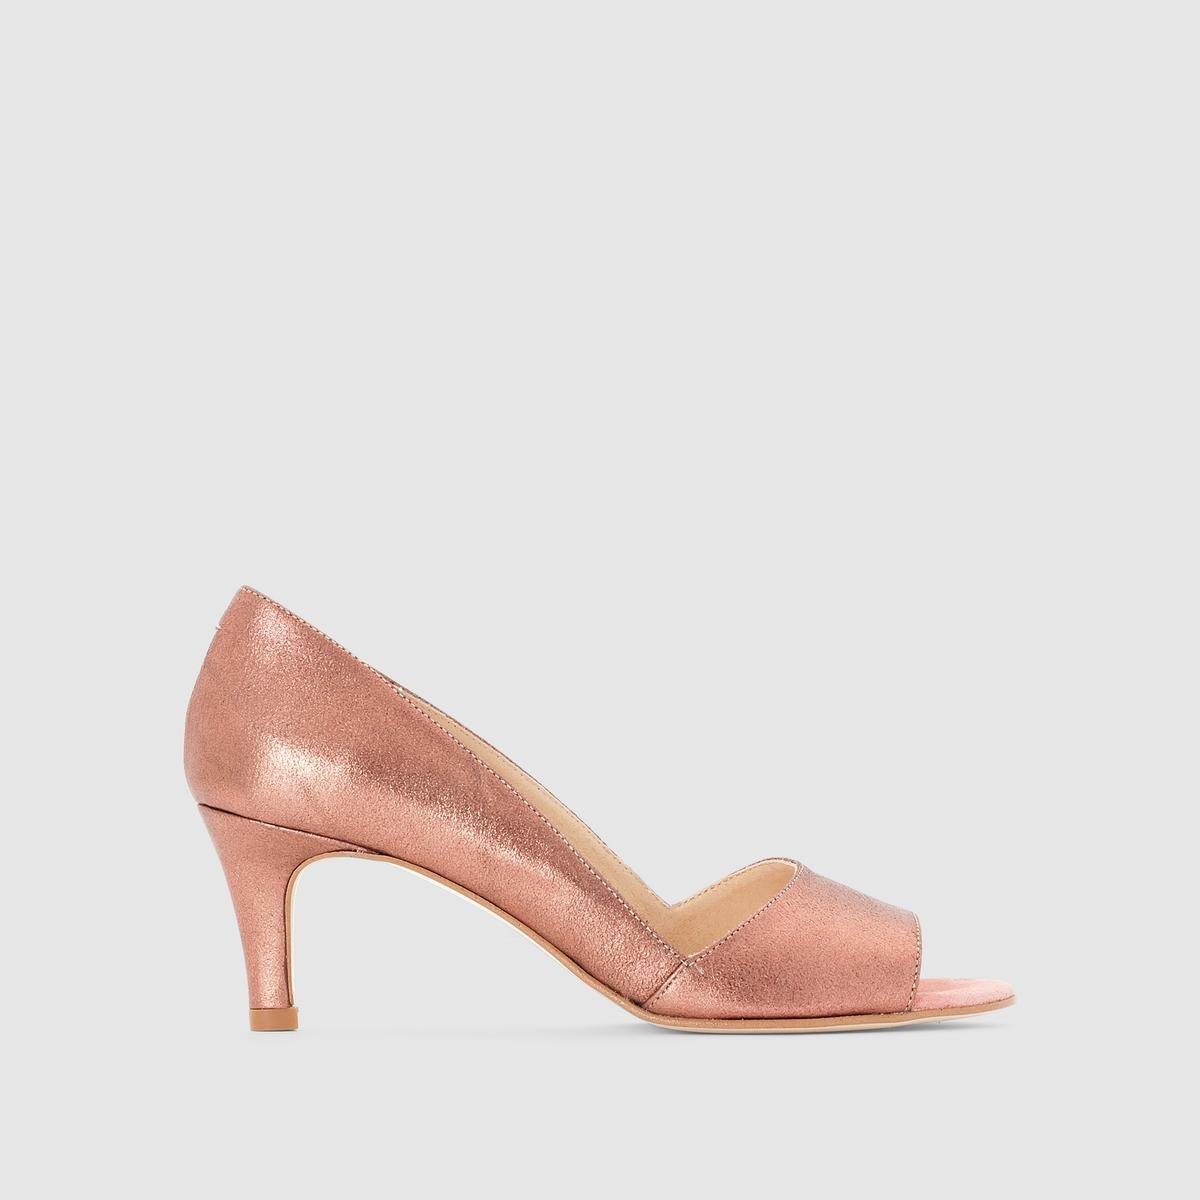 Туфли из ламинированной кожиПреимущества  : туфли на каблуке JONAK пленяют оригинальным внешним видом благодаря аутентичной и мягкой ламинированной коже.<br><br>Цвет: розовый<br>Размер: 40